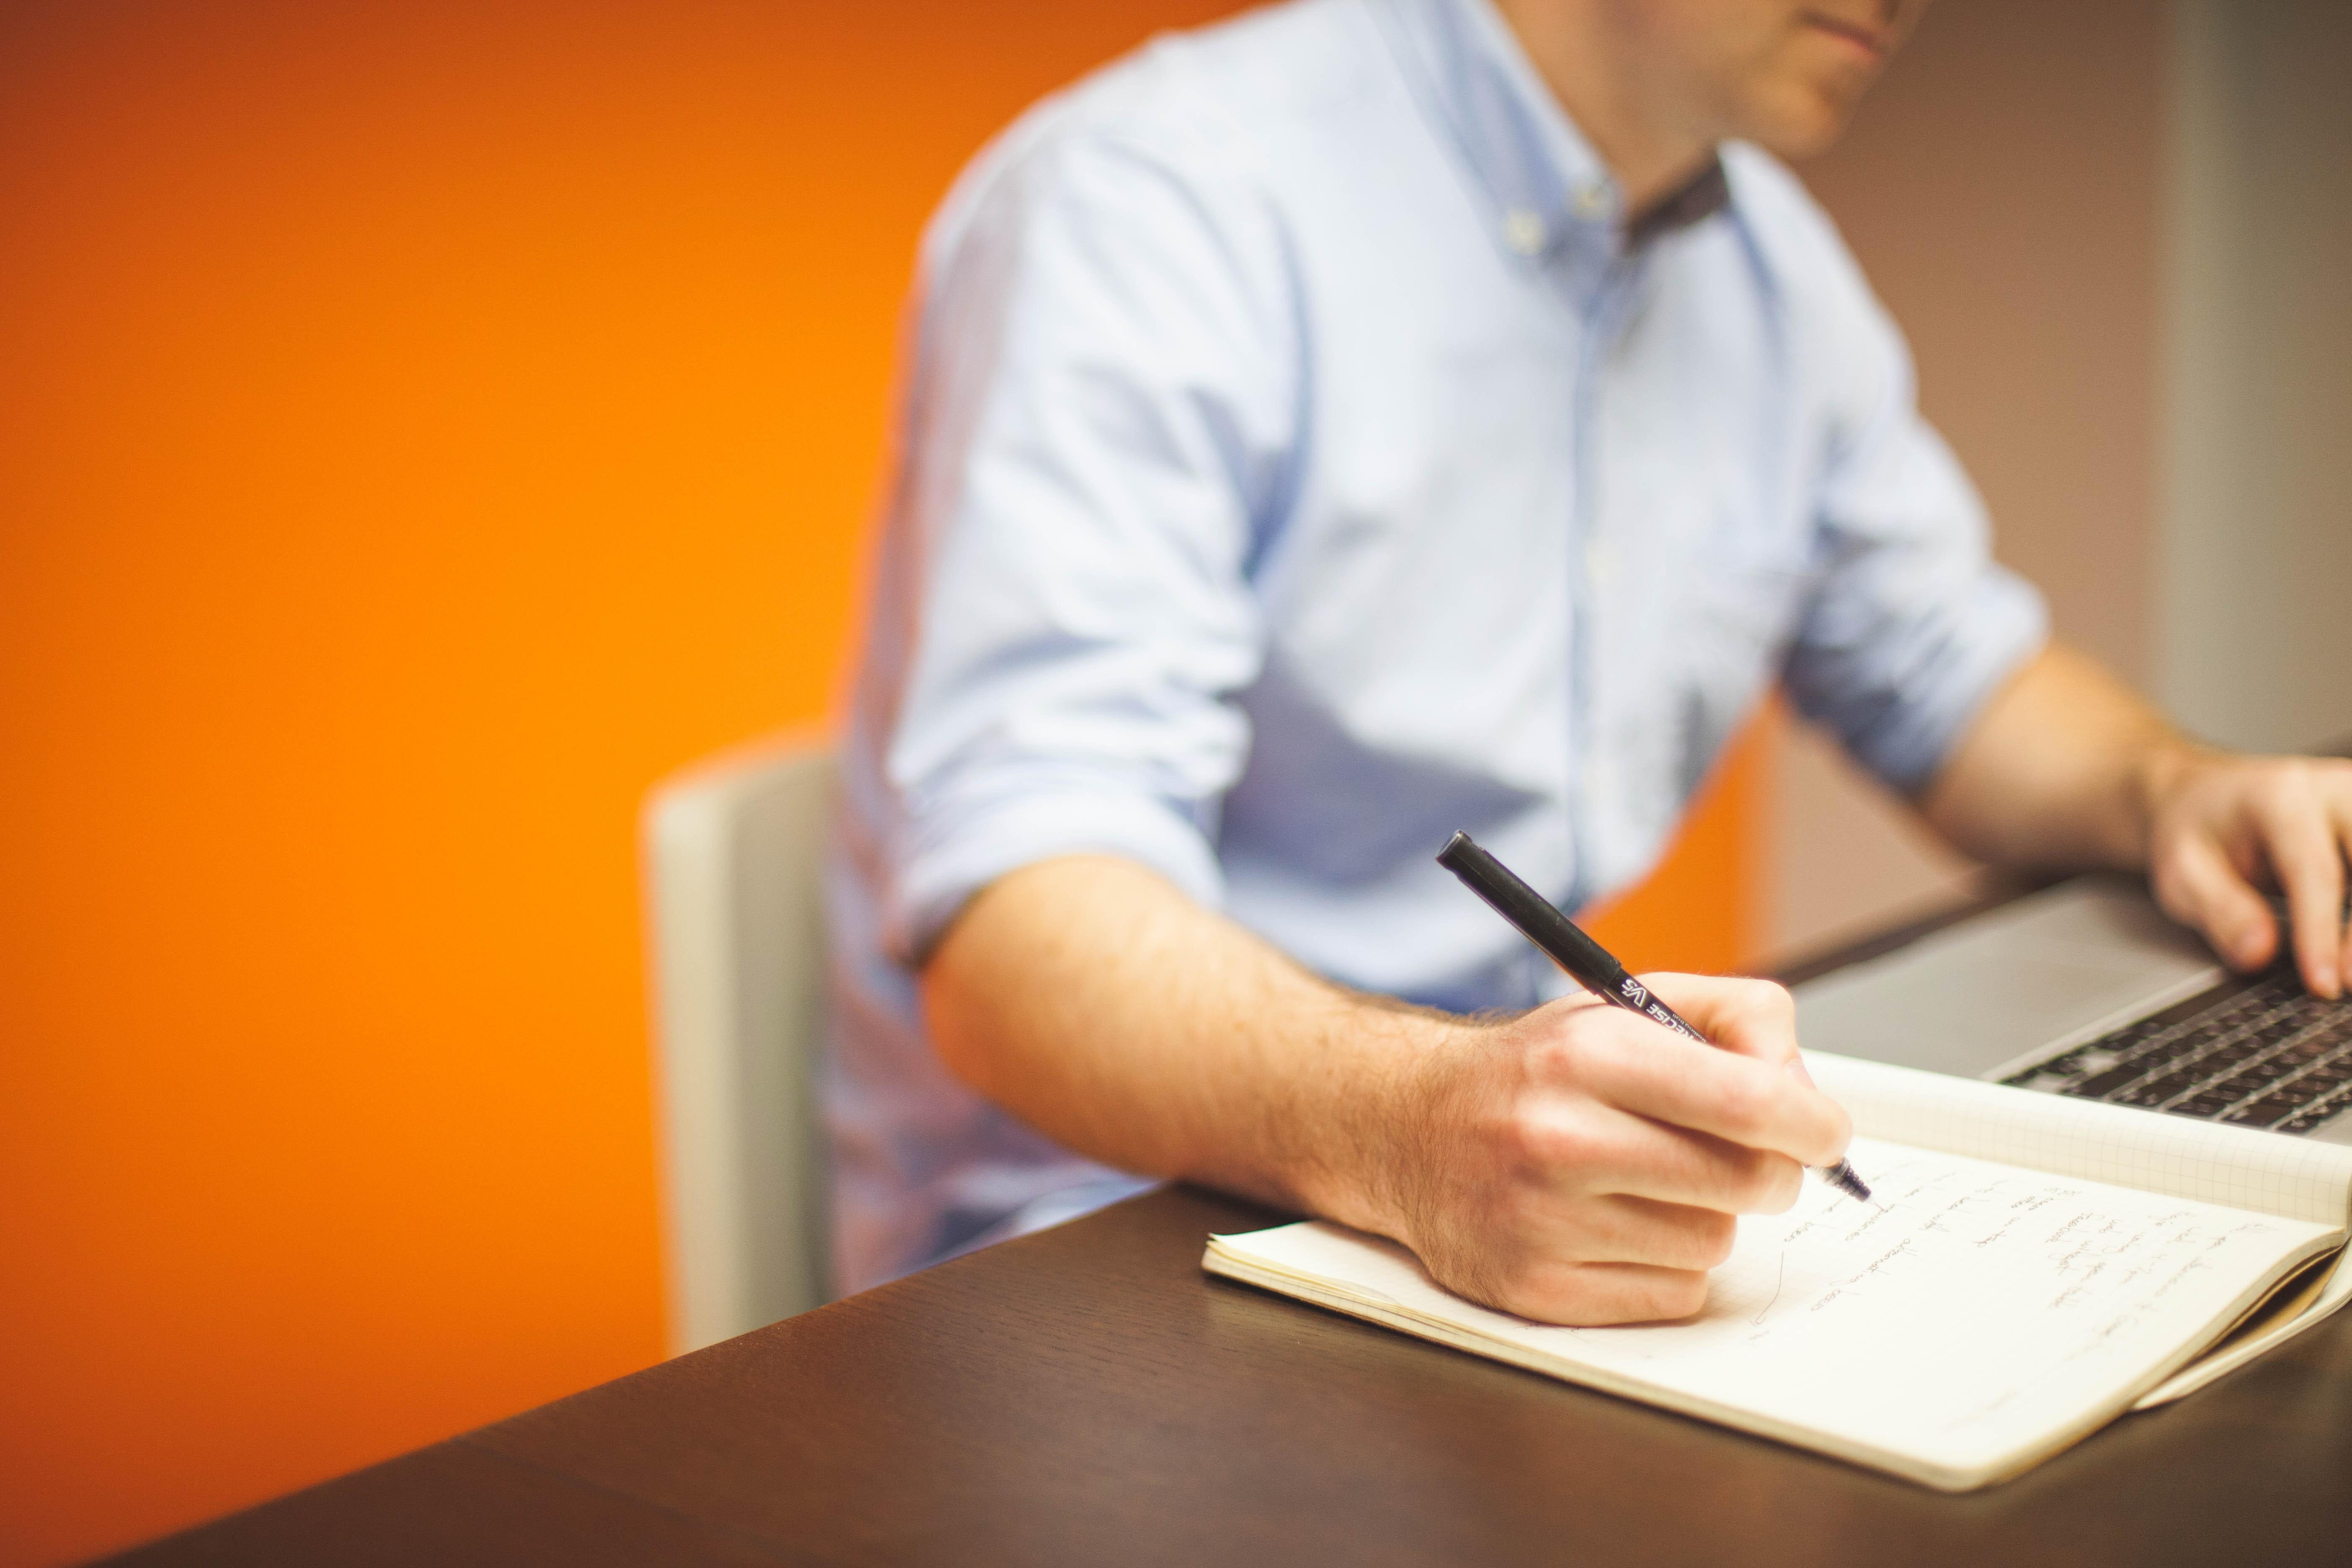 Training lainnya untuk pengembangan keterampilan karyawan